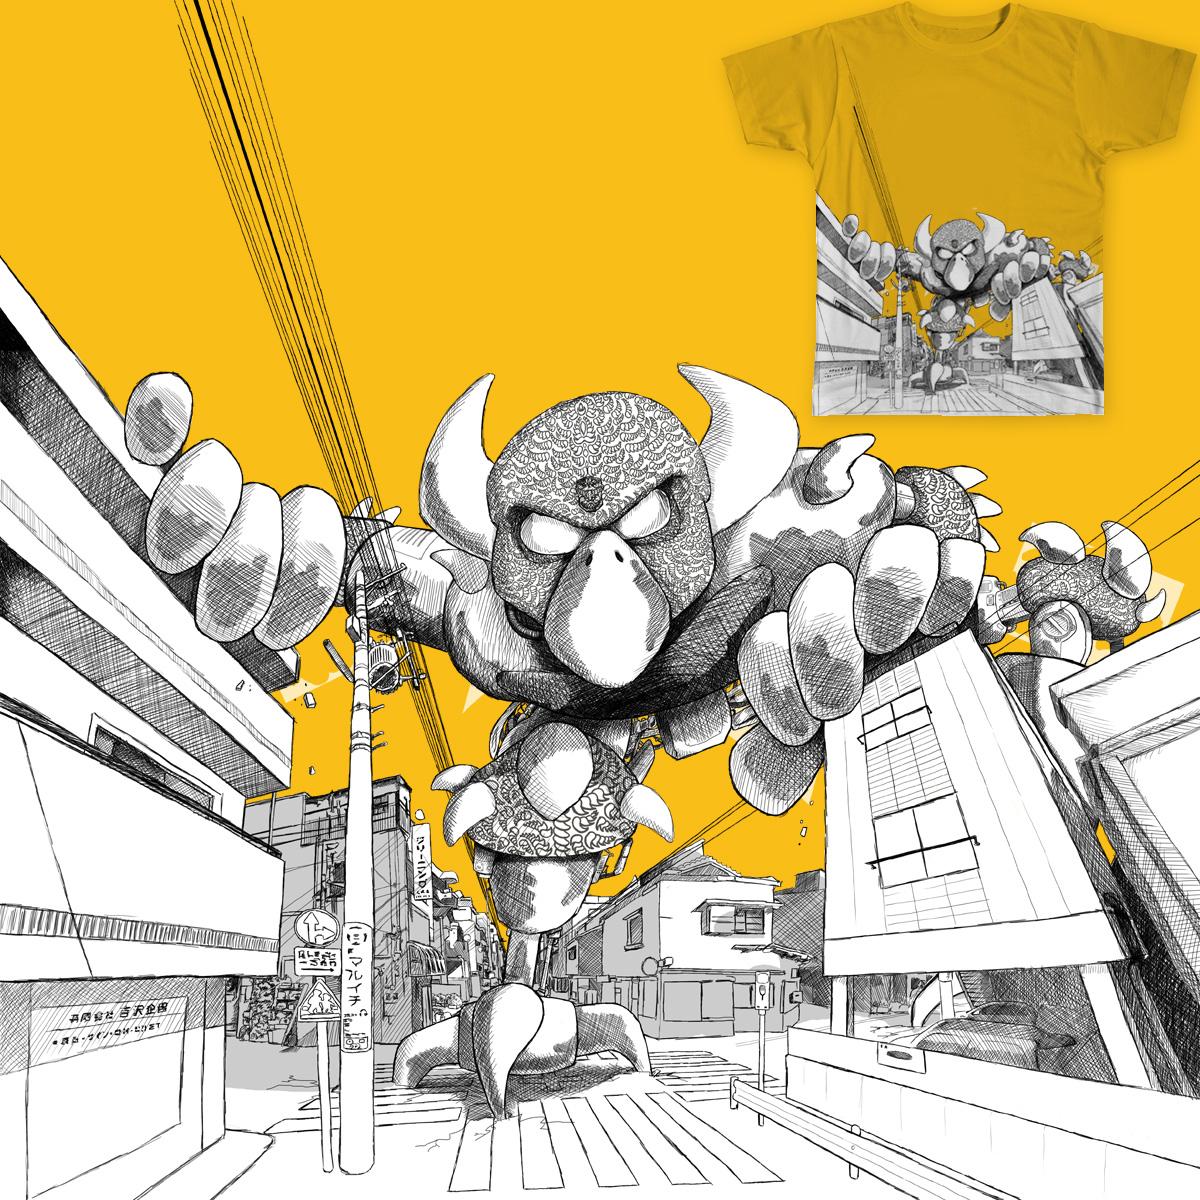 Tokyo Robot by UpstartThunder on Threadless